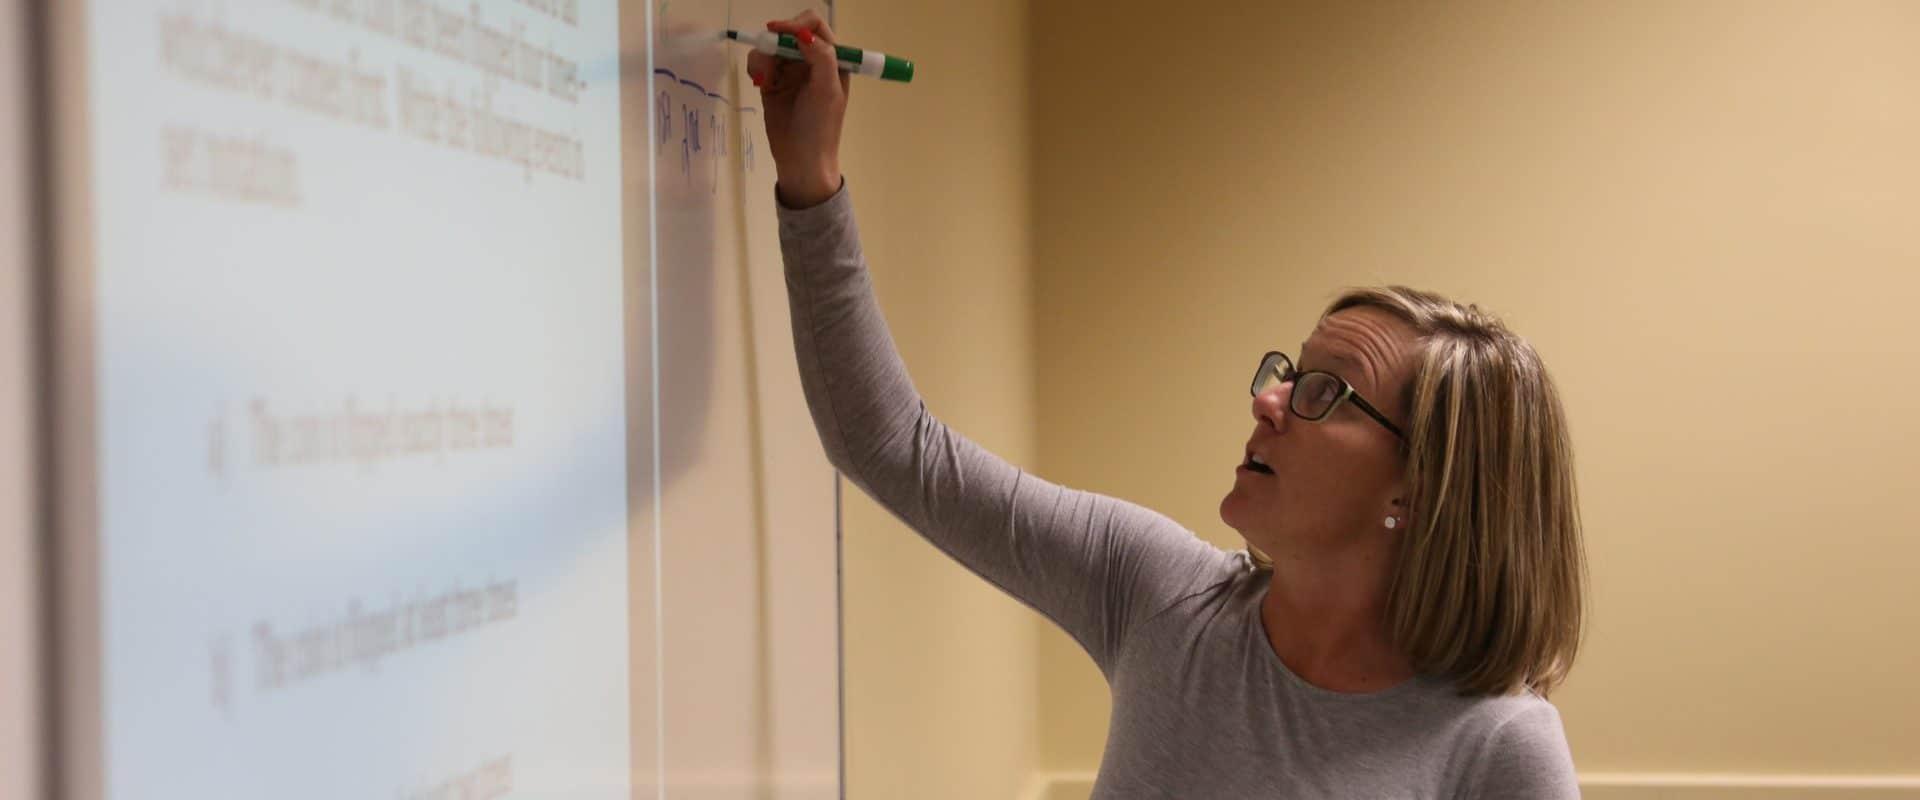 Study strategic communication at WPU